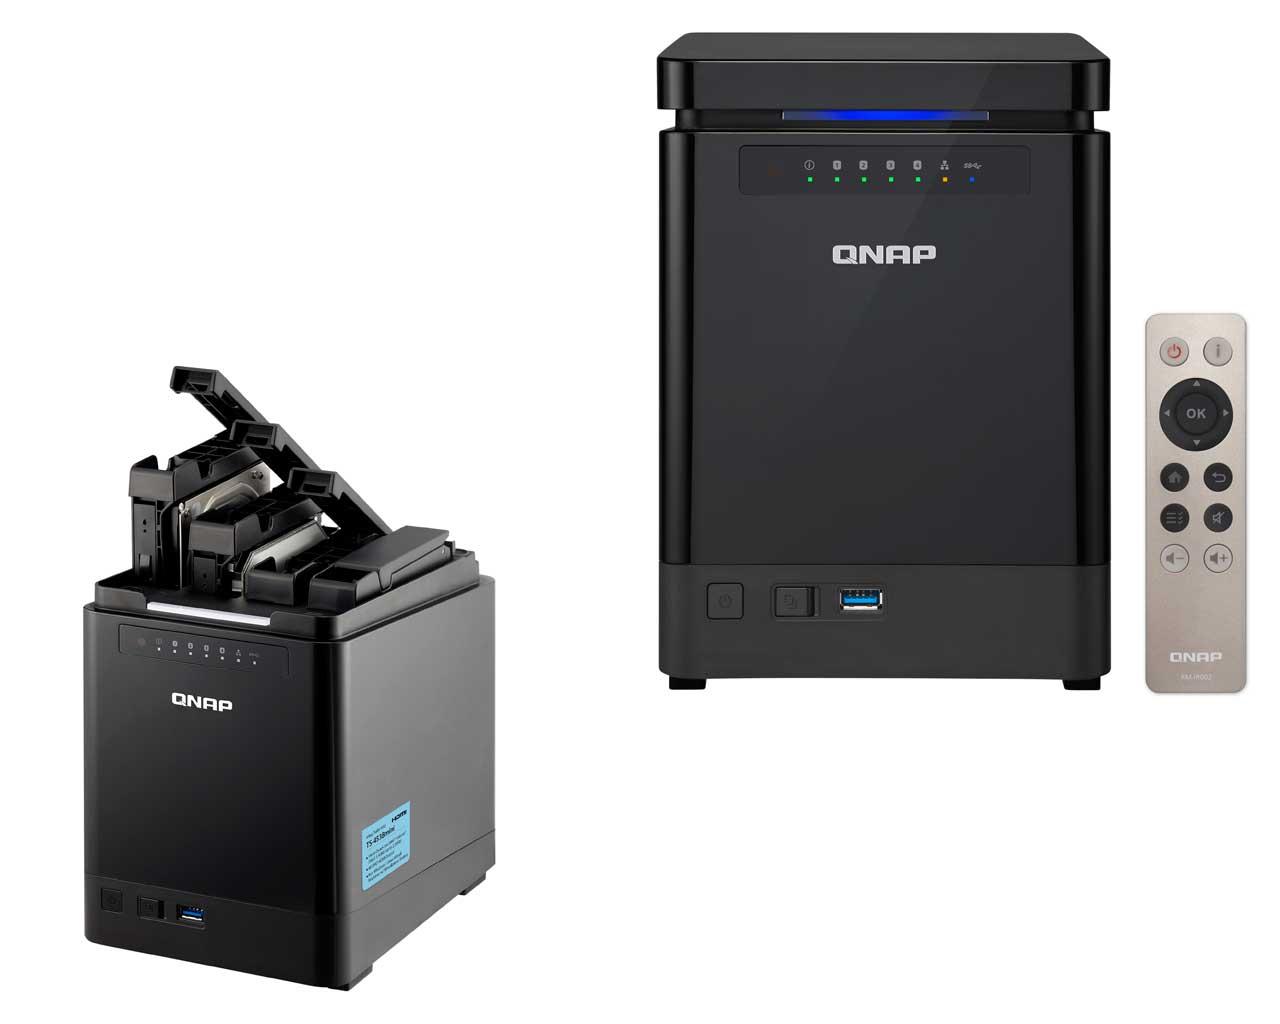 QNAP lanza el TS-453Bmini: un elegante y compacto NAS Vertical para hogares y pequeñas oficinas